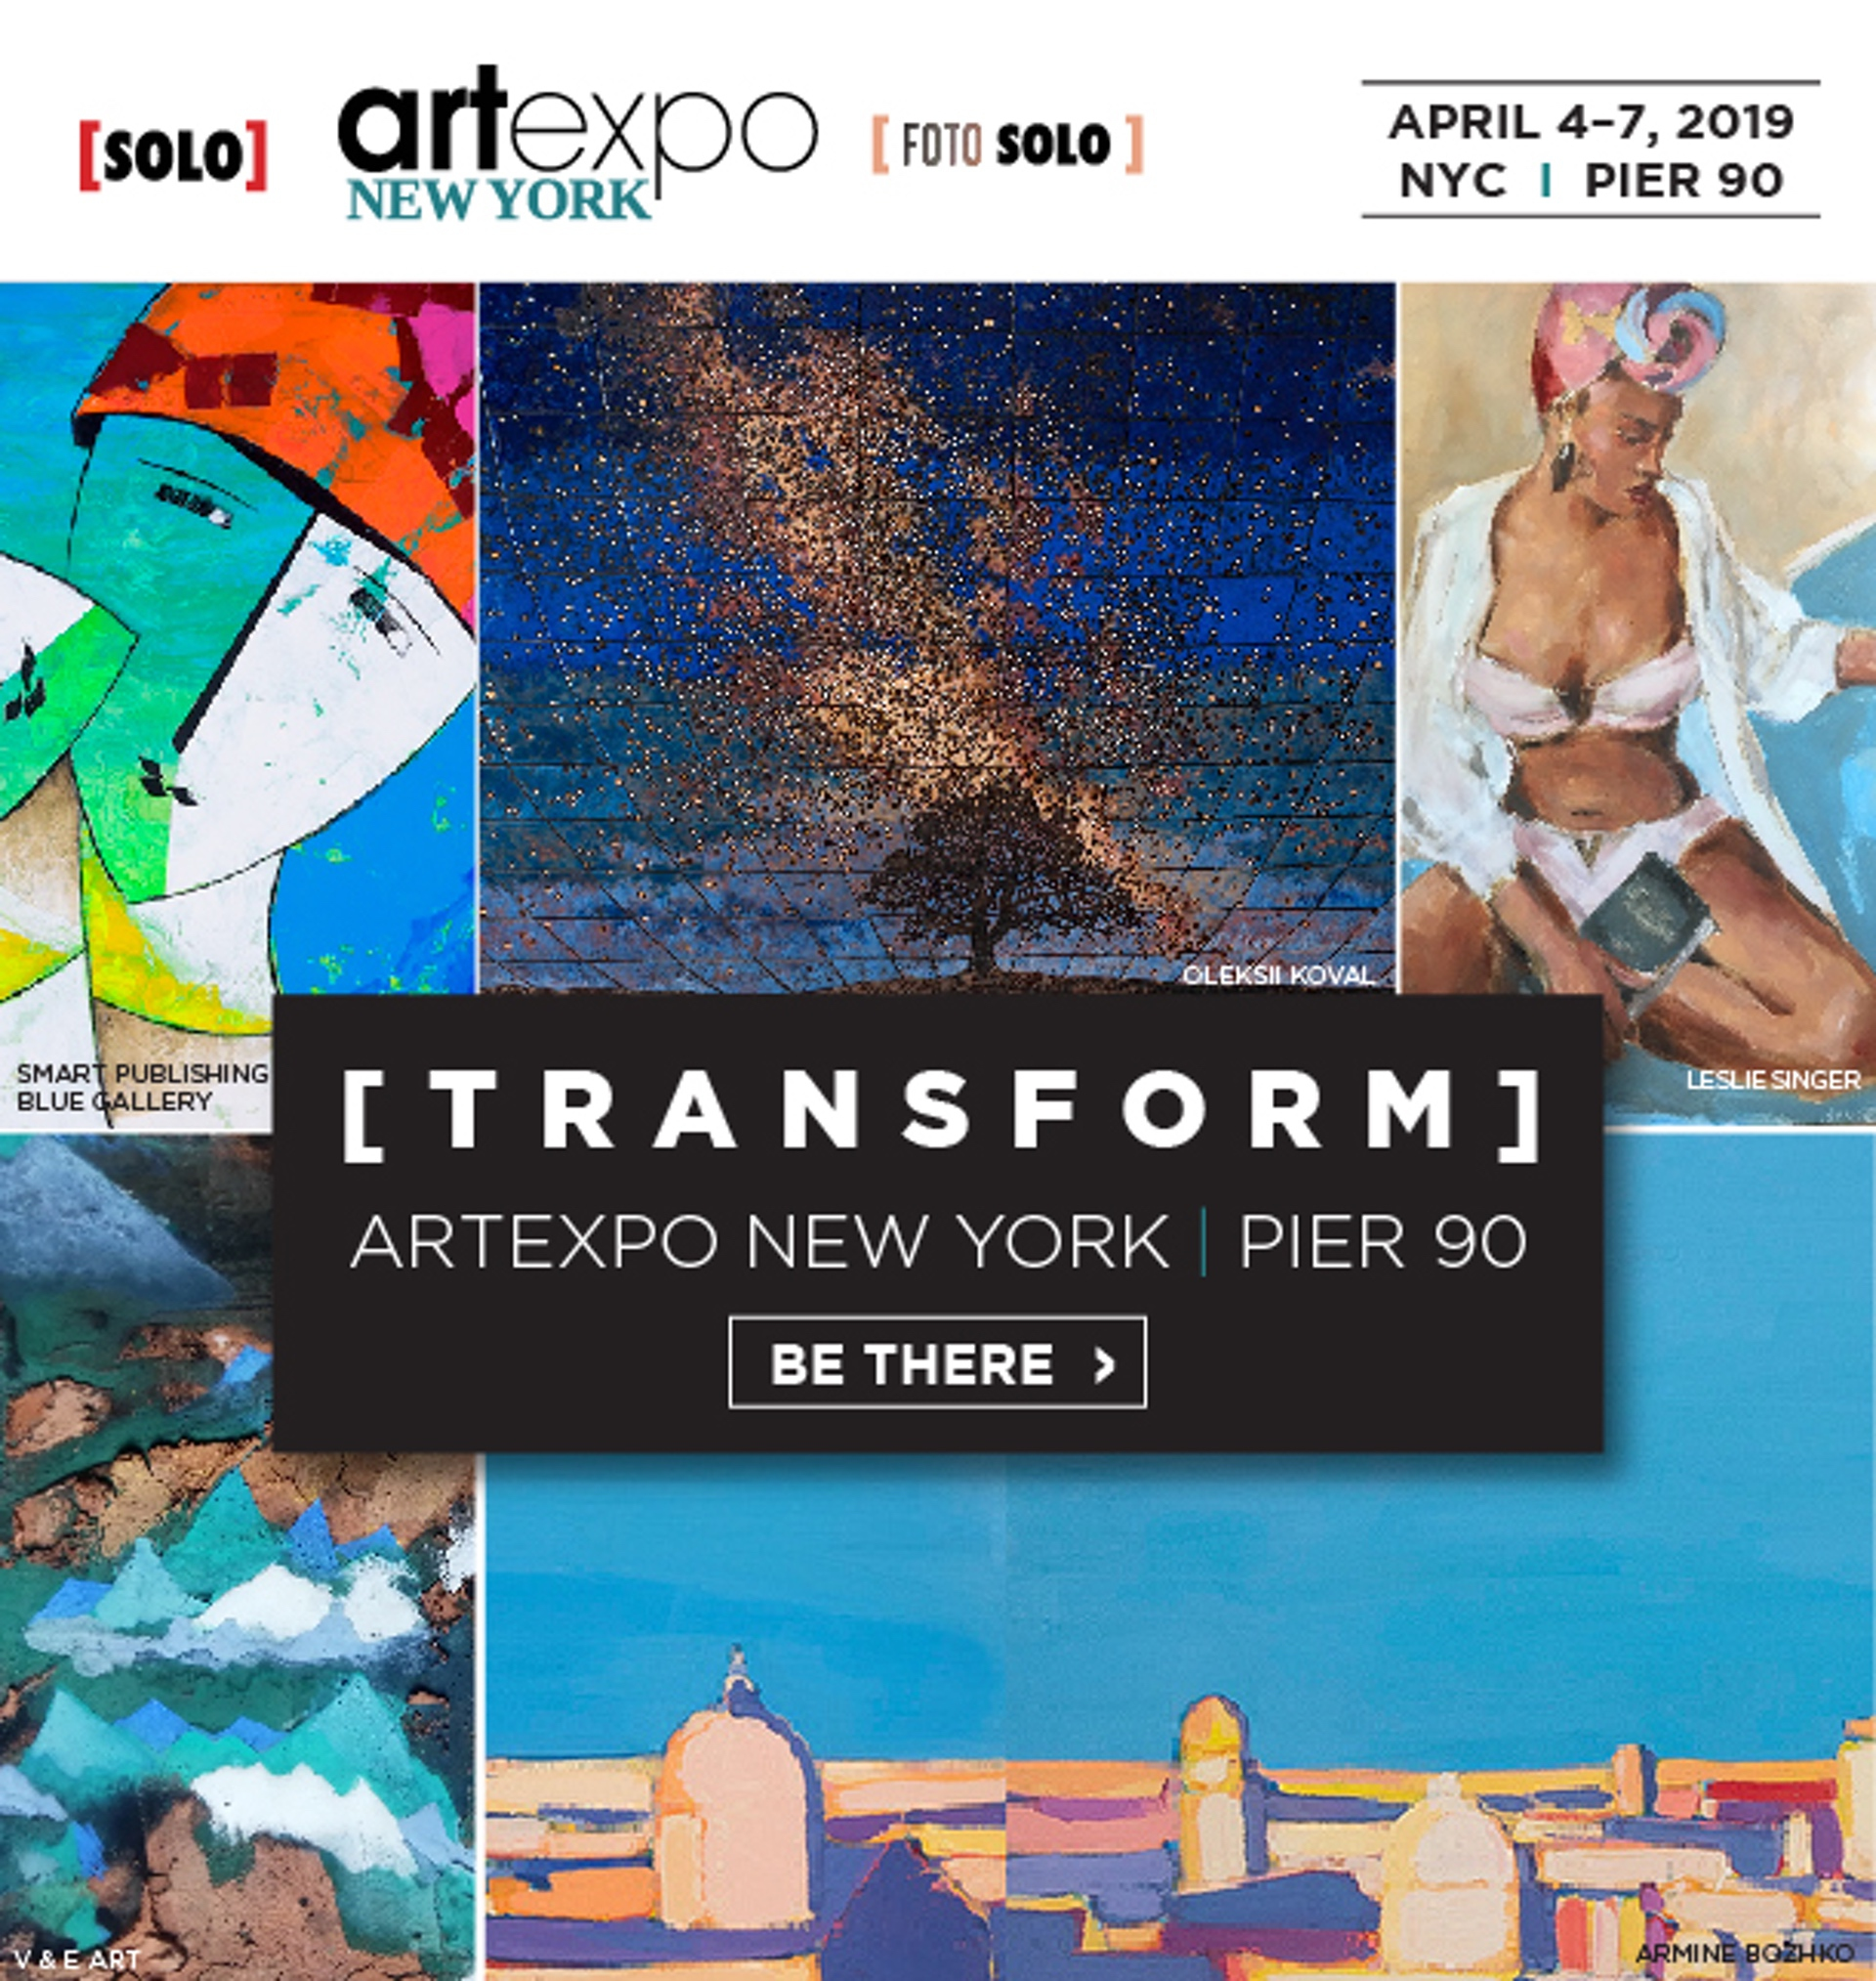 Artexpo New York Newsletter. Artexpo New York opens next week